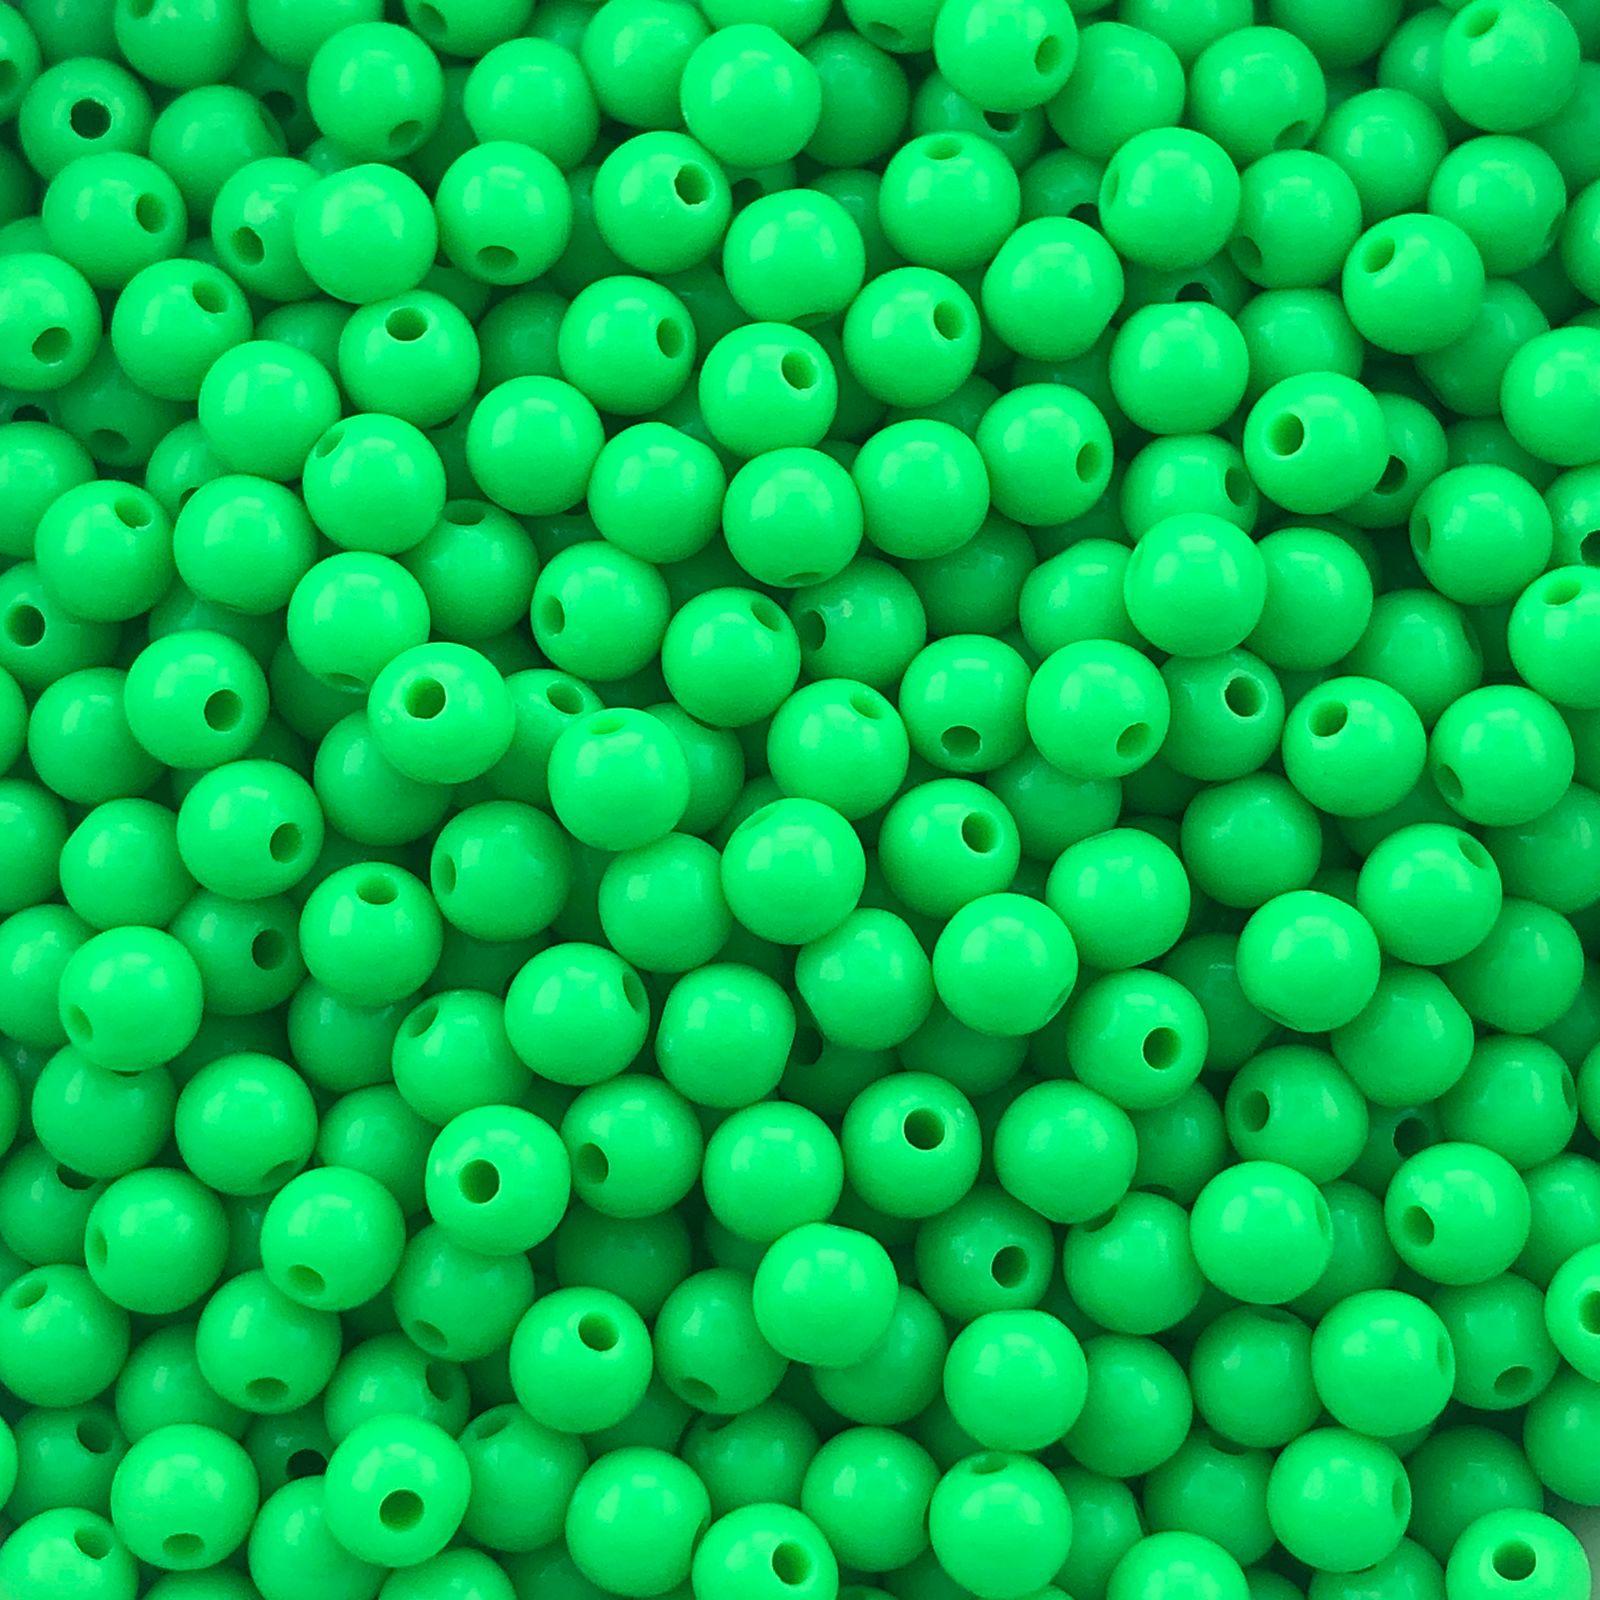 BOL673 - Bola Resina Verde 6mm - 20Grs